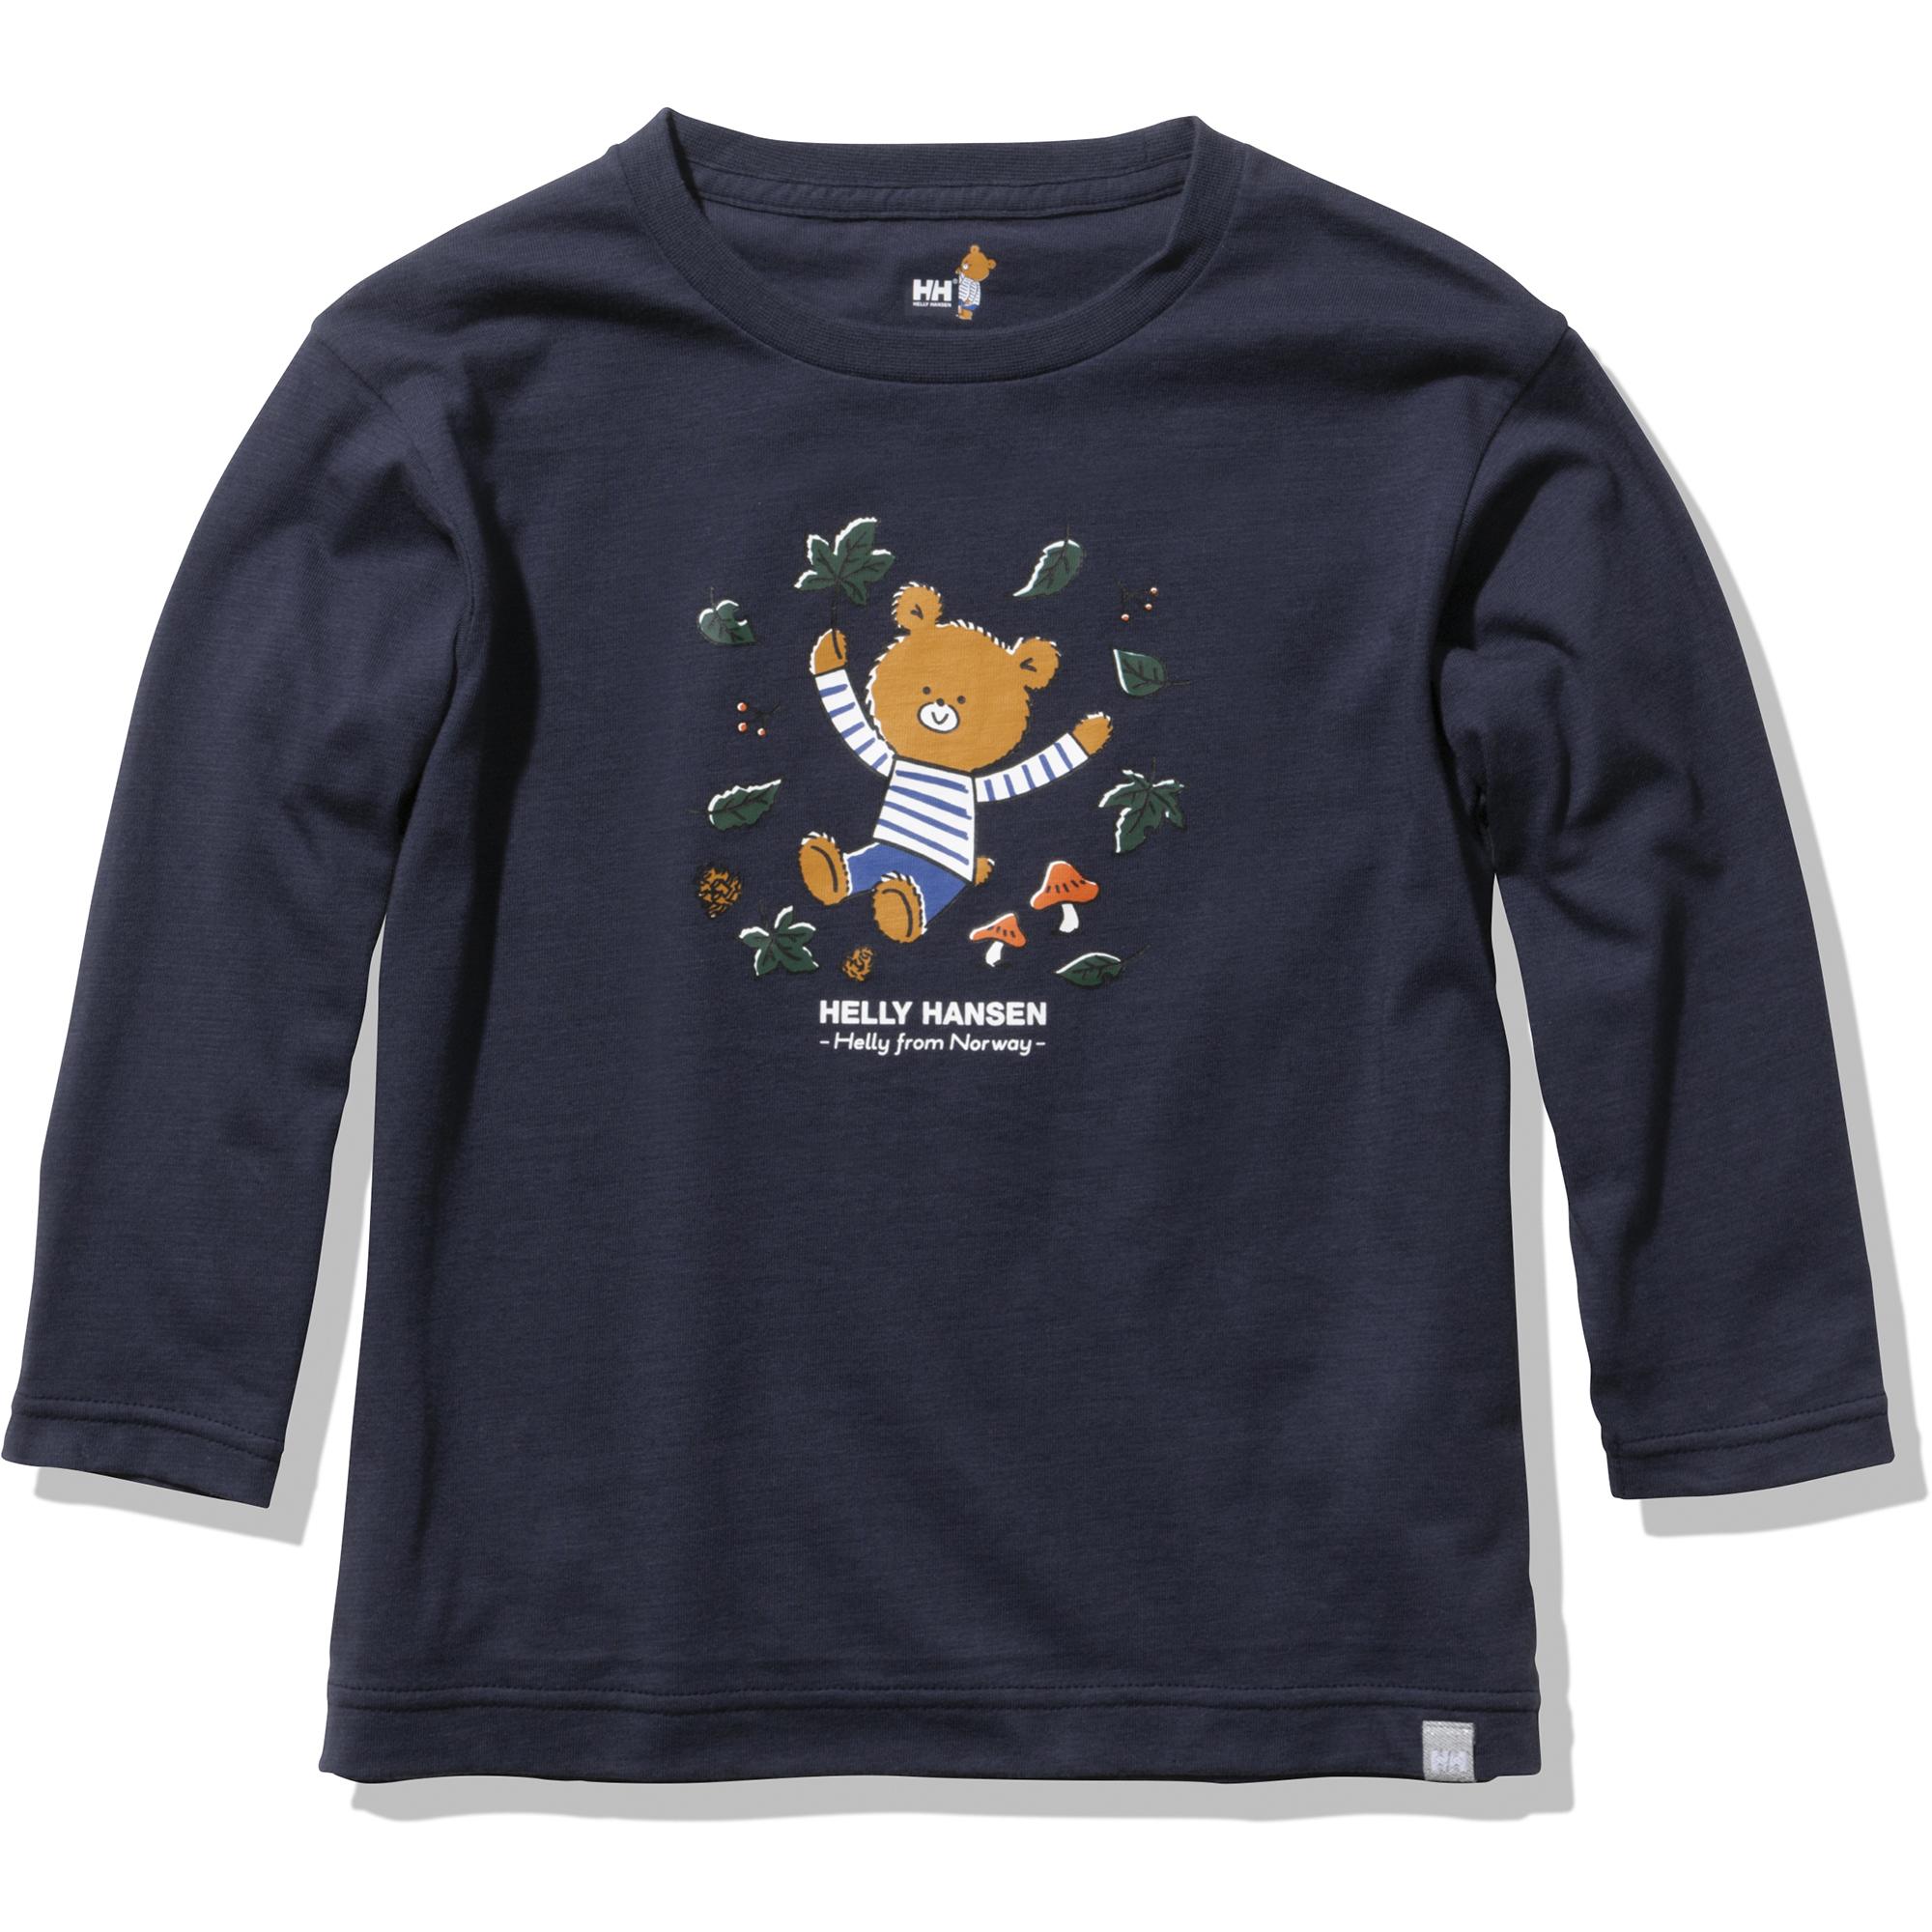 子どもたちに「自然とのつながり」「冒険心」「自尊心」「好奇心」を伝える、ヘリーハンセンオリジナル絵本に登場するヘリーベアをアイコンにした、HELLY BEARコレクションのTシャツ。葉っぱの部分は指で触ると皮膚の温度によって色が変化する仕掛け。 長袖Tシャツ 5,280円 (サイズ 100〜150)